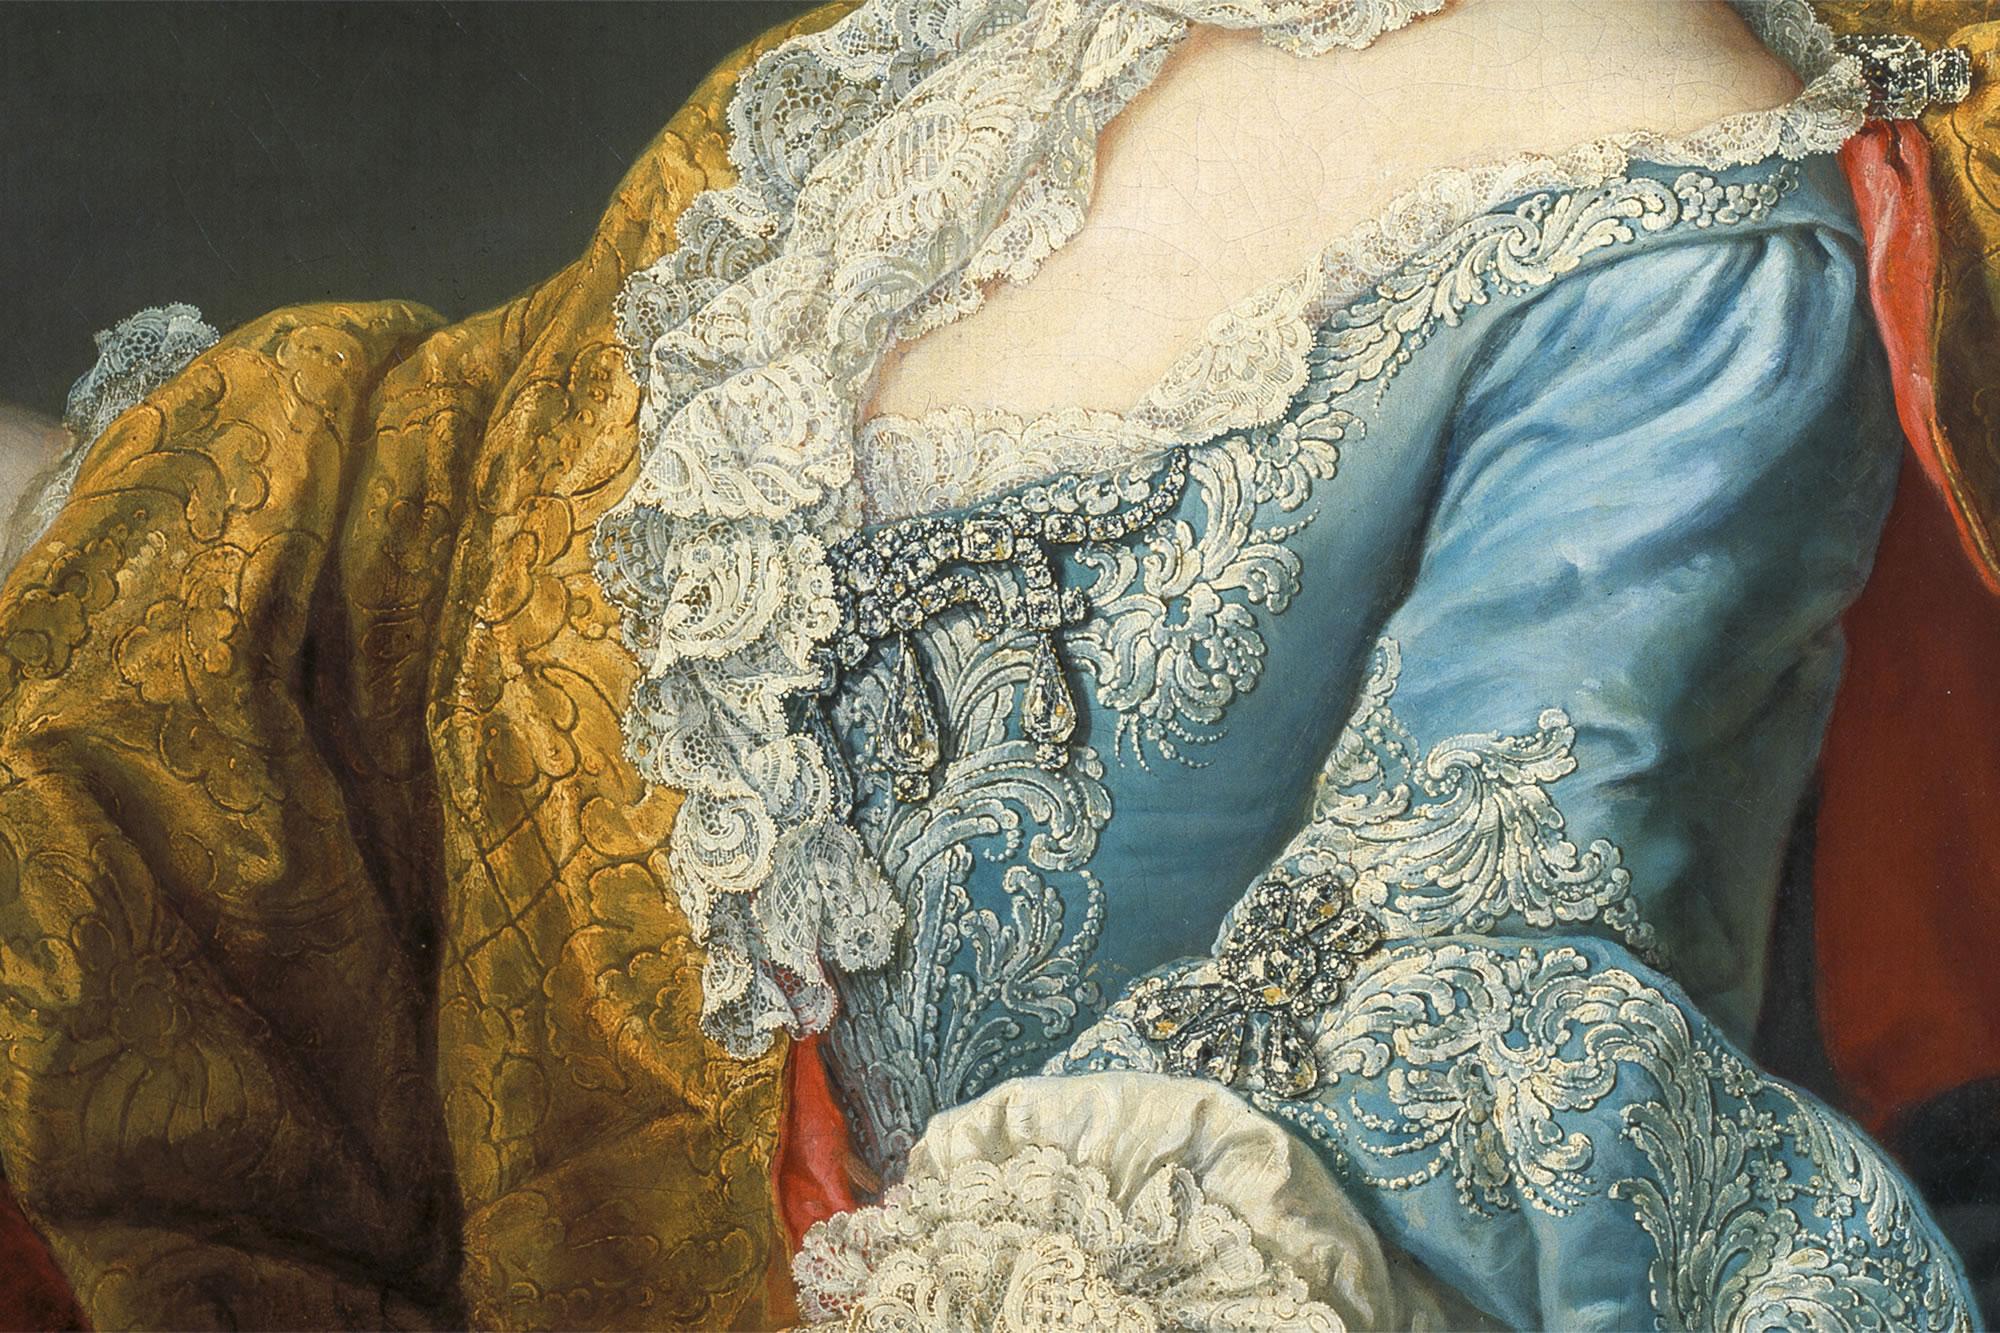 Gemäldegalerie der Akademie der bildenden Künste Wien